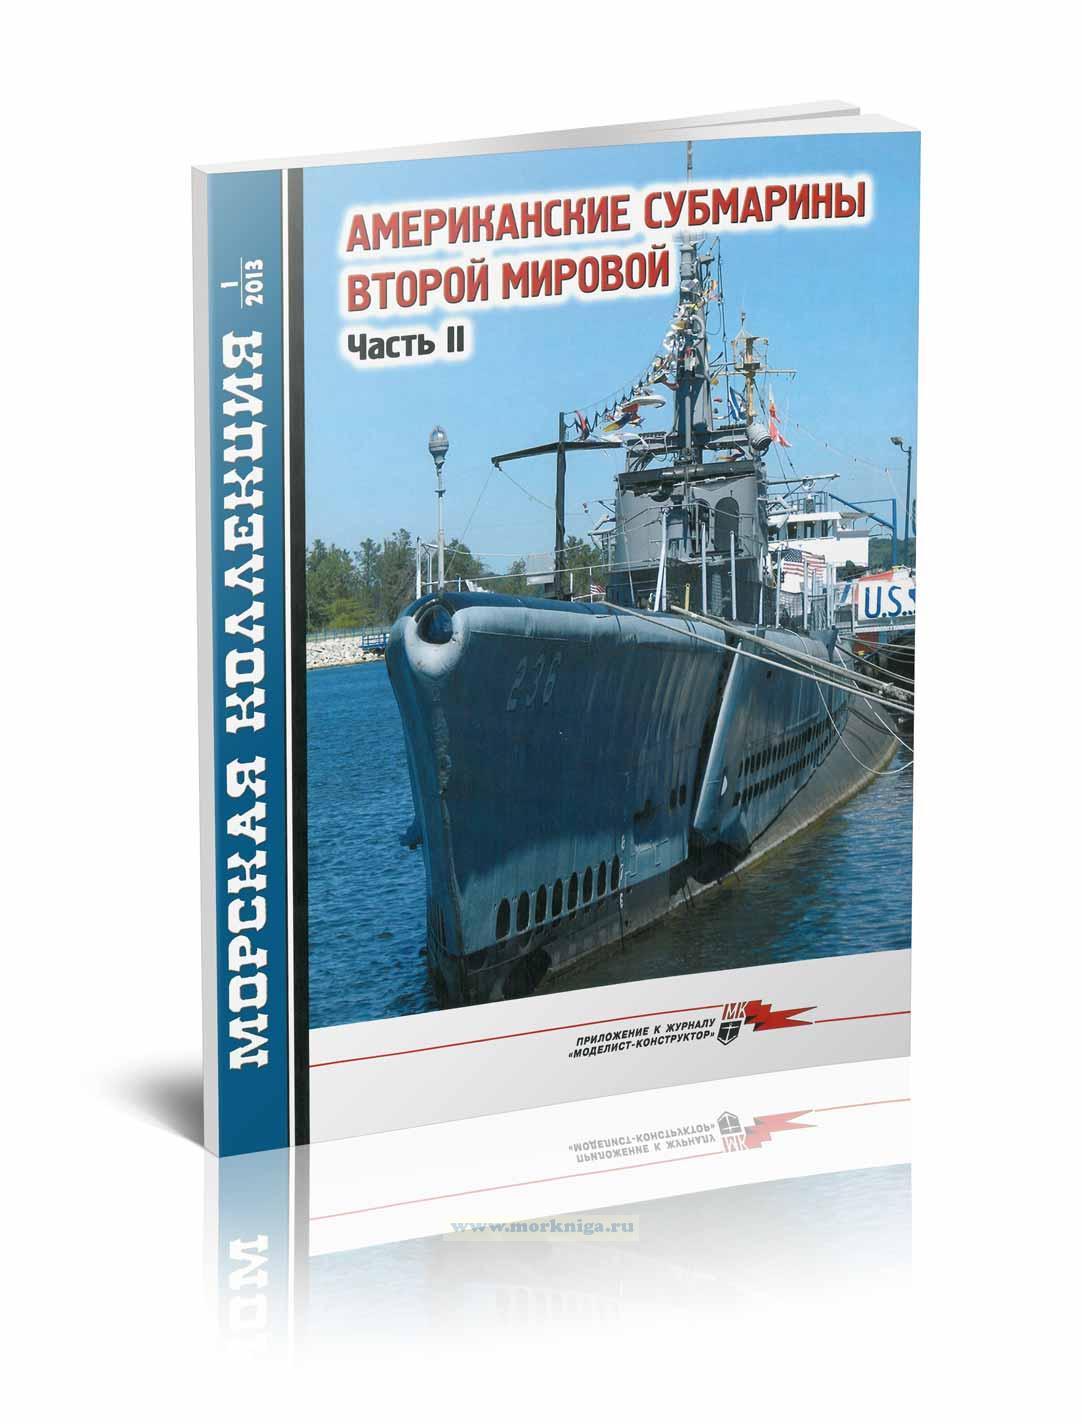 Американские субмарины Второй Мировой. Часть II. Морская коллекция №1 (2013)